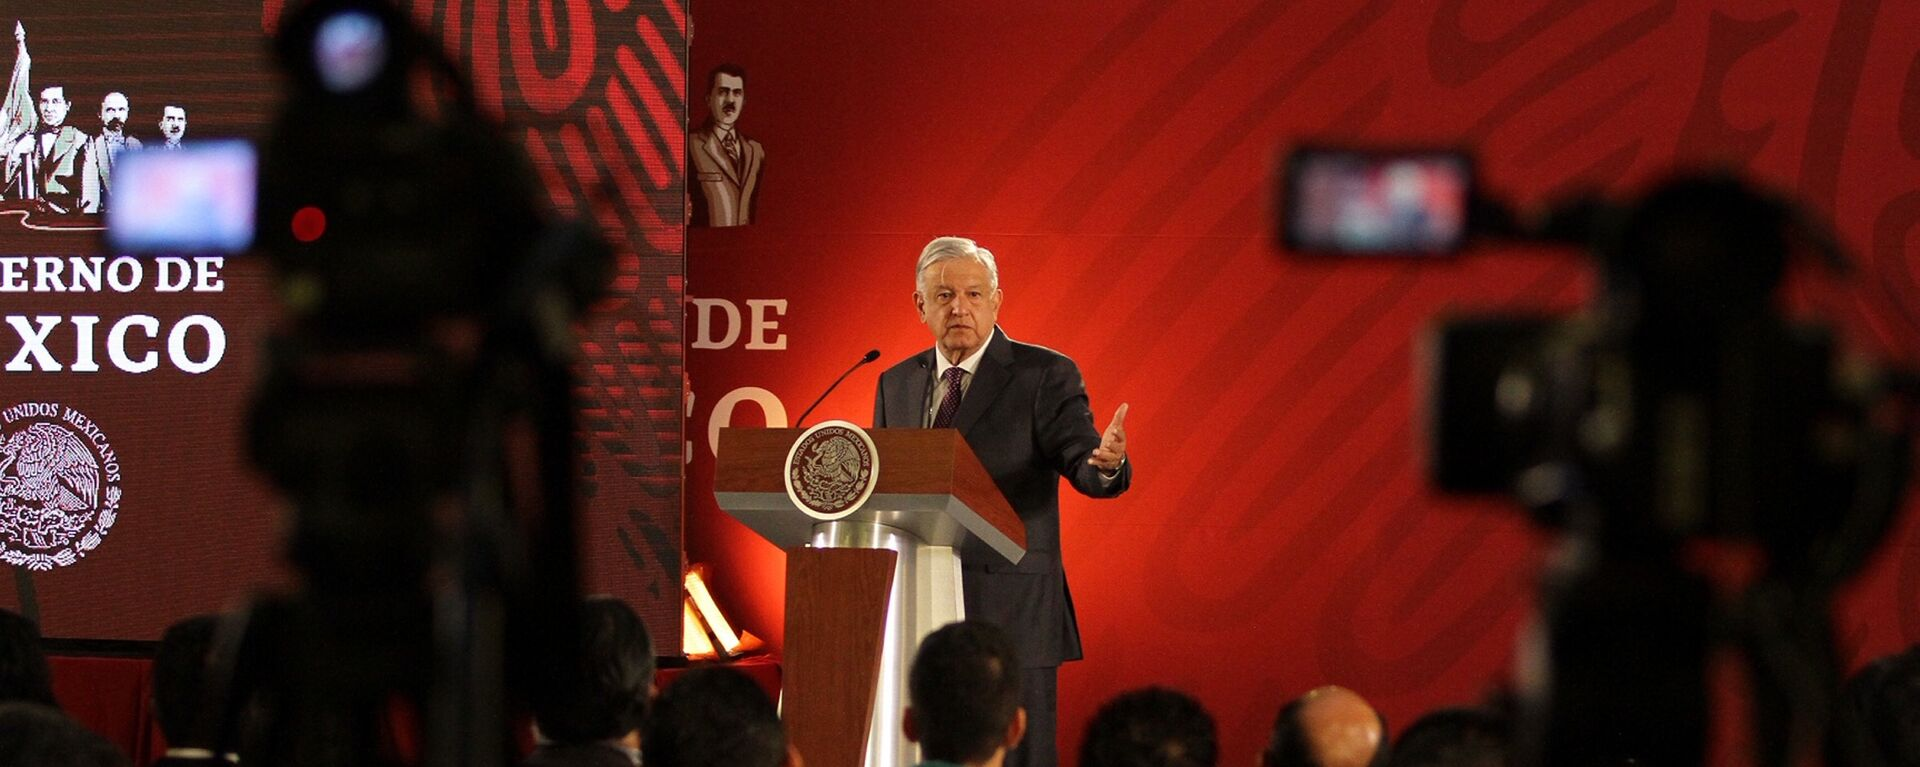 Andrés Manuel López Obrador, presidente de México - Sputnik Mundo, 1920, 11.01.2021